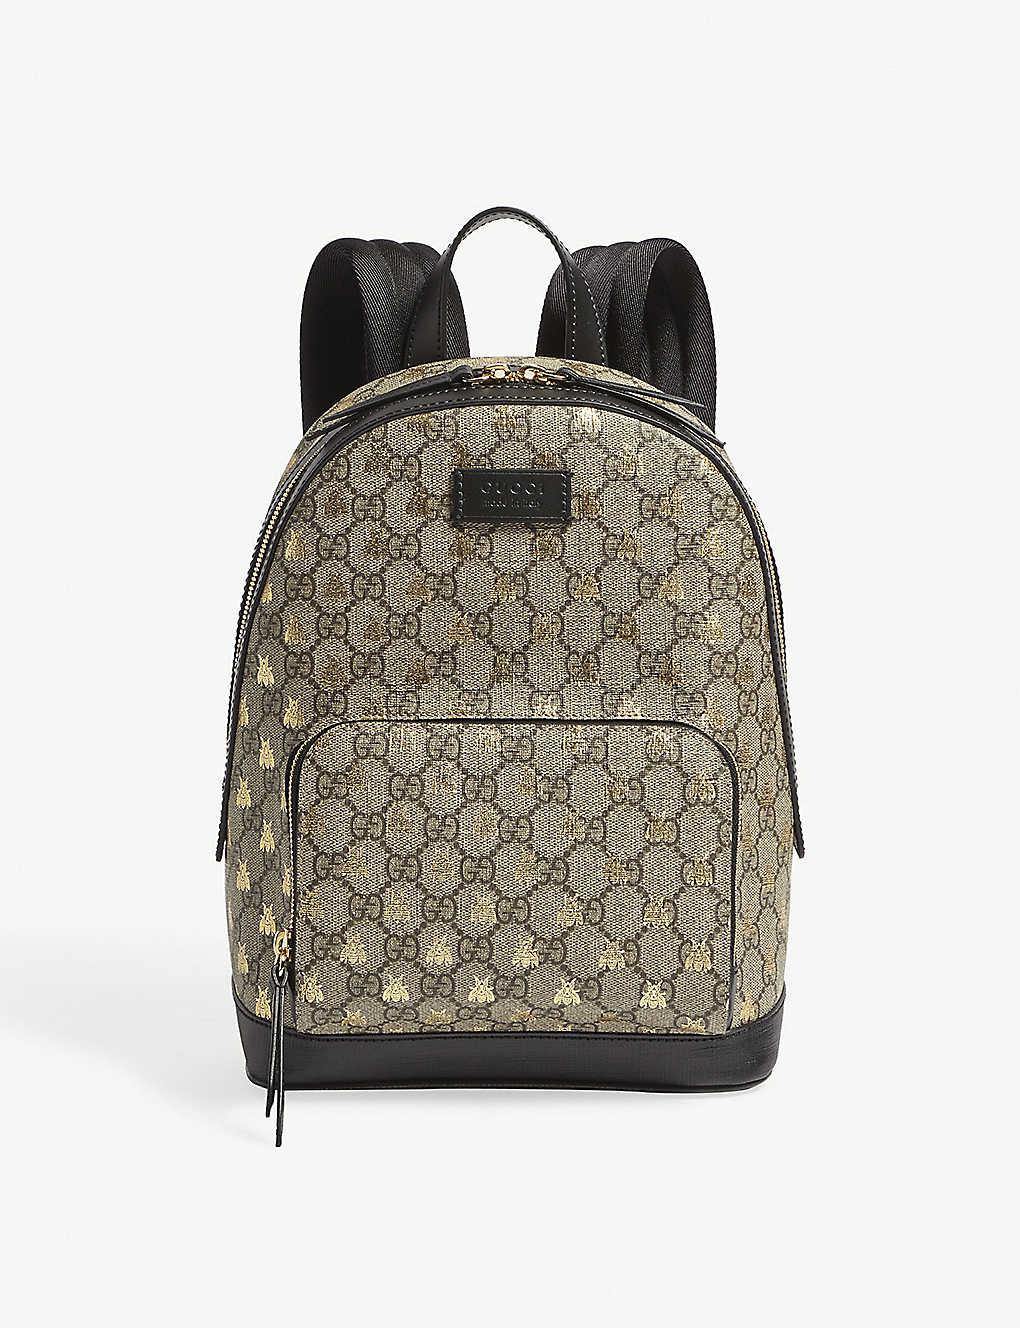 GUCCI - Bee GG Supreme backpack   Selfridges.com e238e20ef4